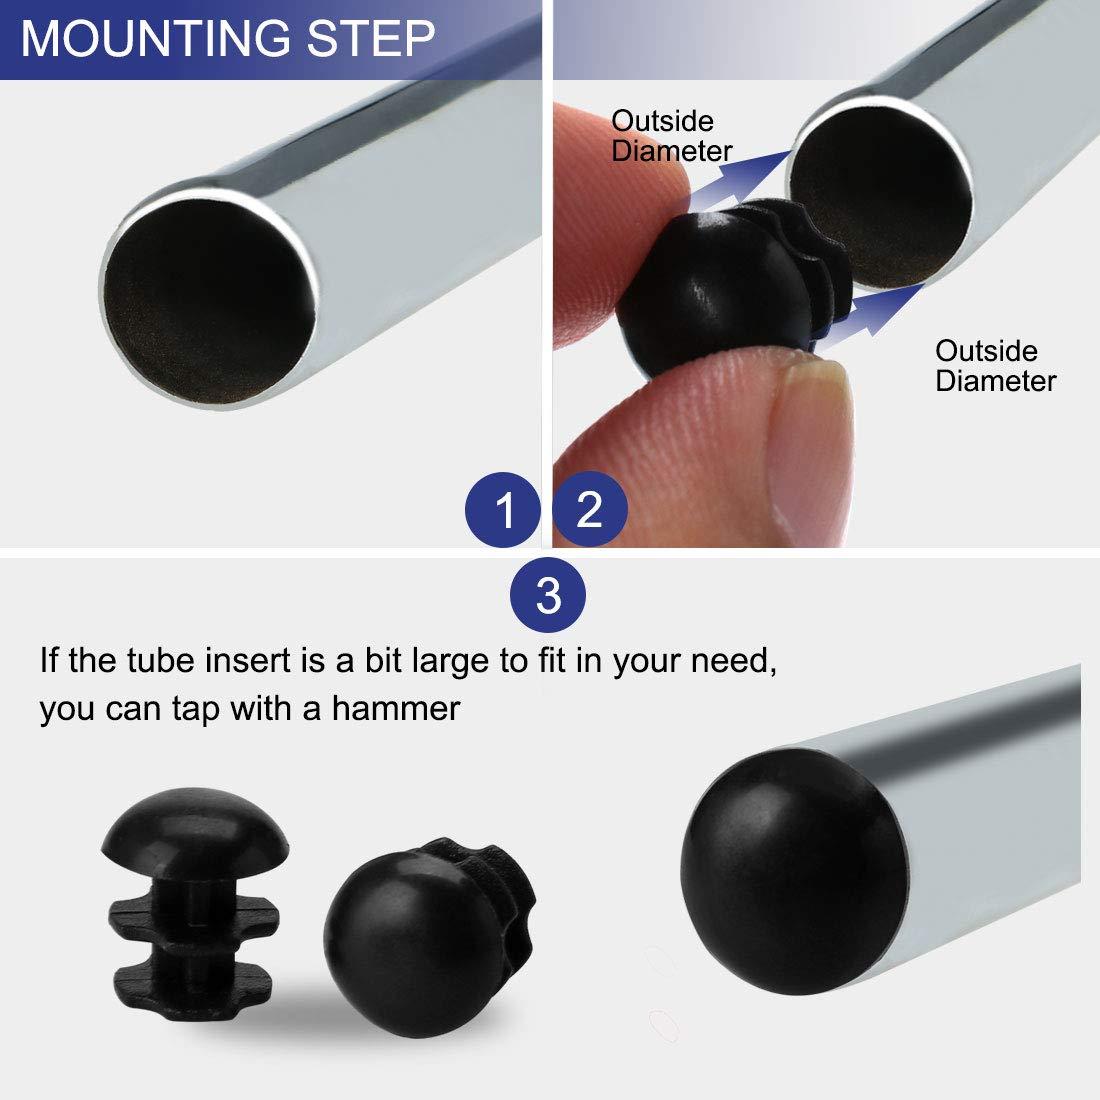 Sourcingmap 25 piezas 10 mm OD pl/ástico extremo redondo tubo inserto acanalado cubierta de tuber/ía negro piso Muebles Protector de pies 0.28-0.35 di/ámetro interior